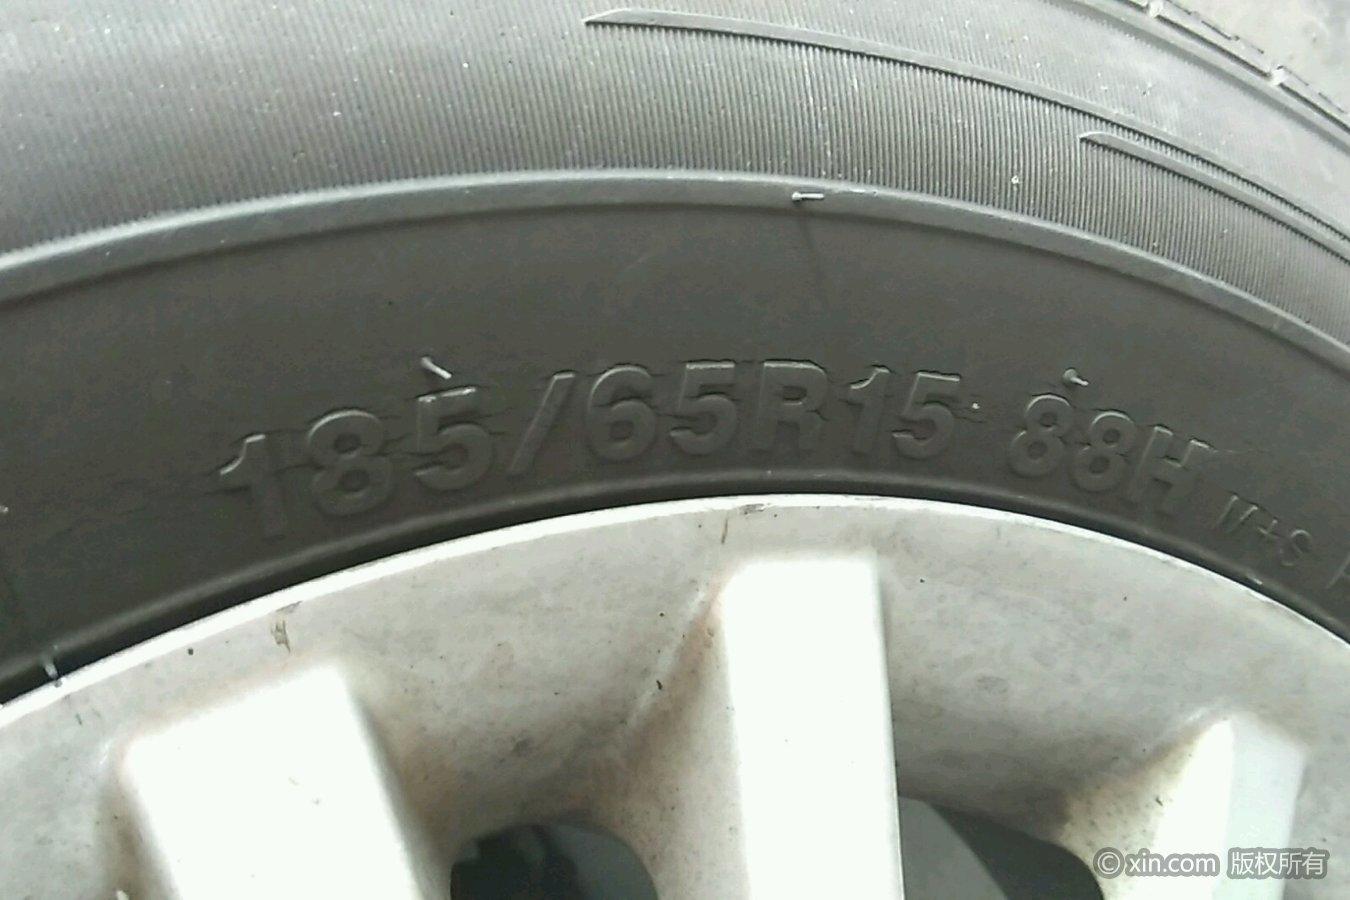 铃木轮胎左前尺寸雨燕复杂的介绍镰刀龙图片